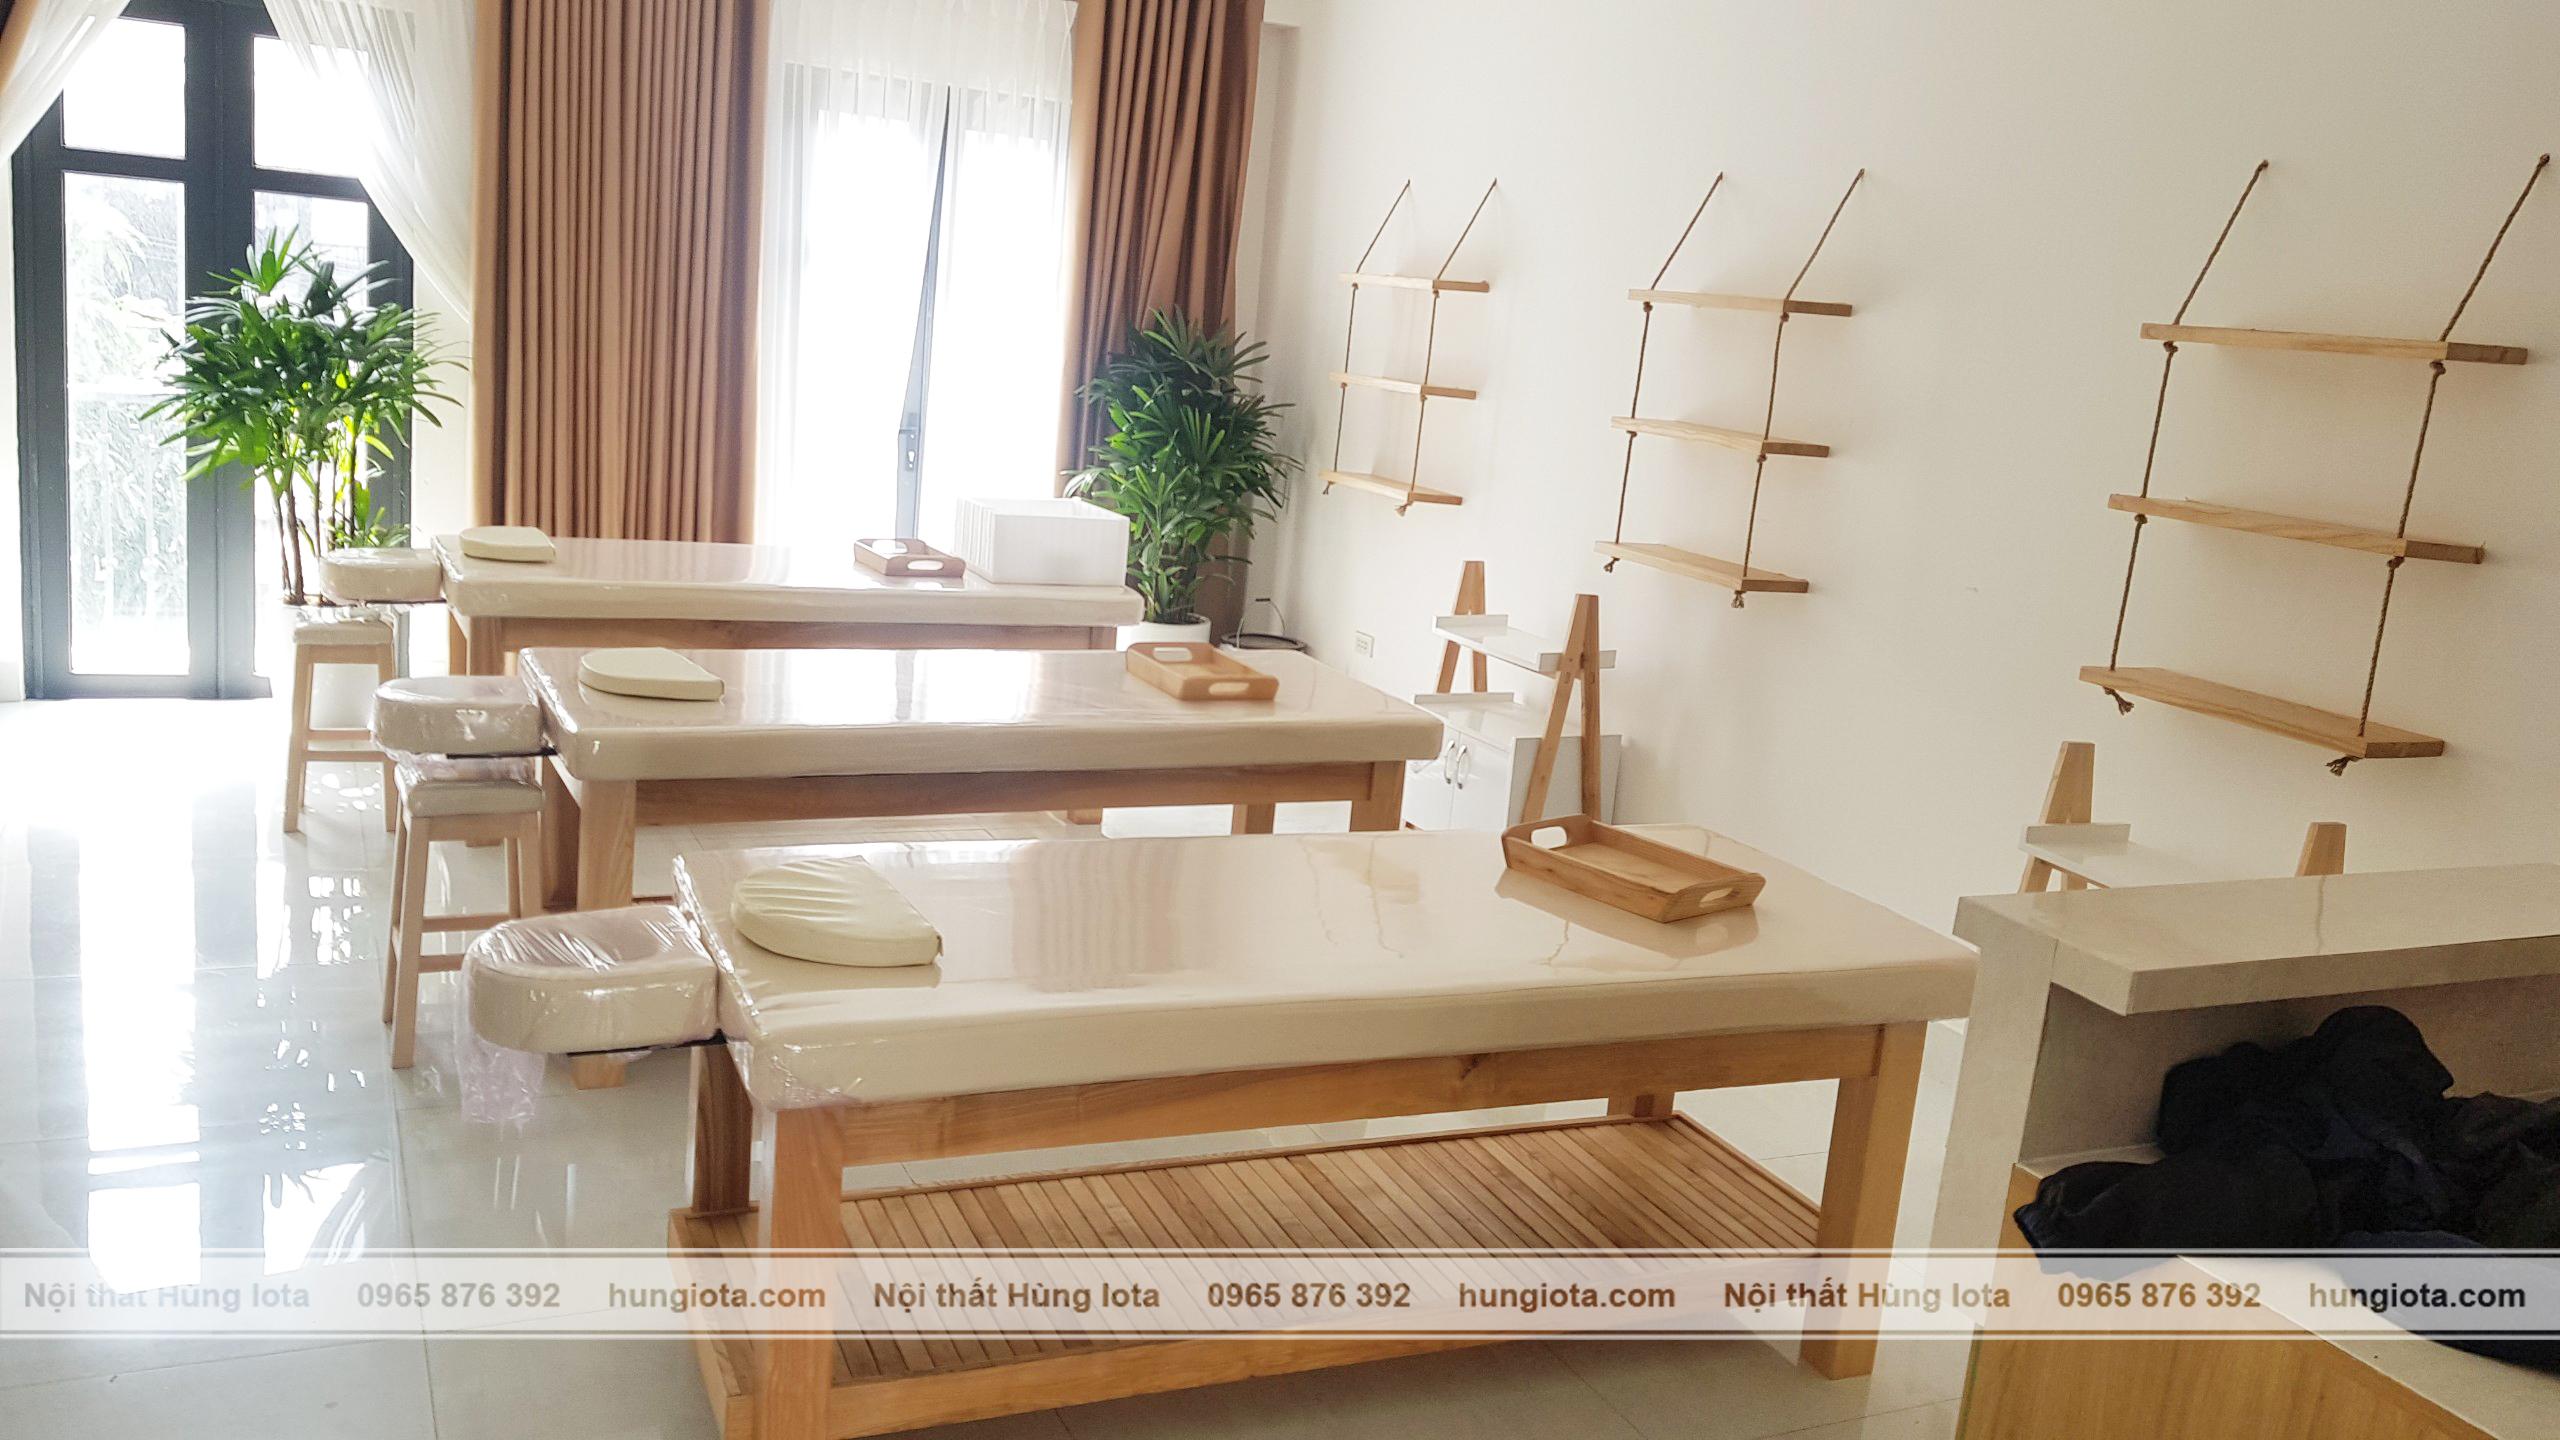 kệ gỗ dây treo decor cho spa, giường spa gỗ sồi decor màu gỗ tự nhiên